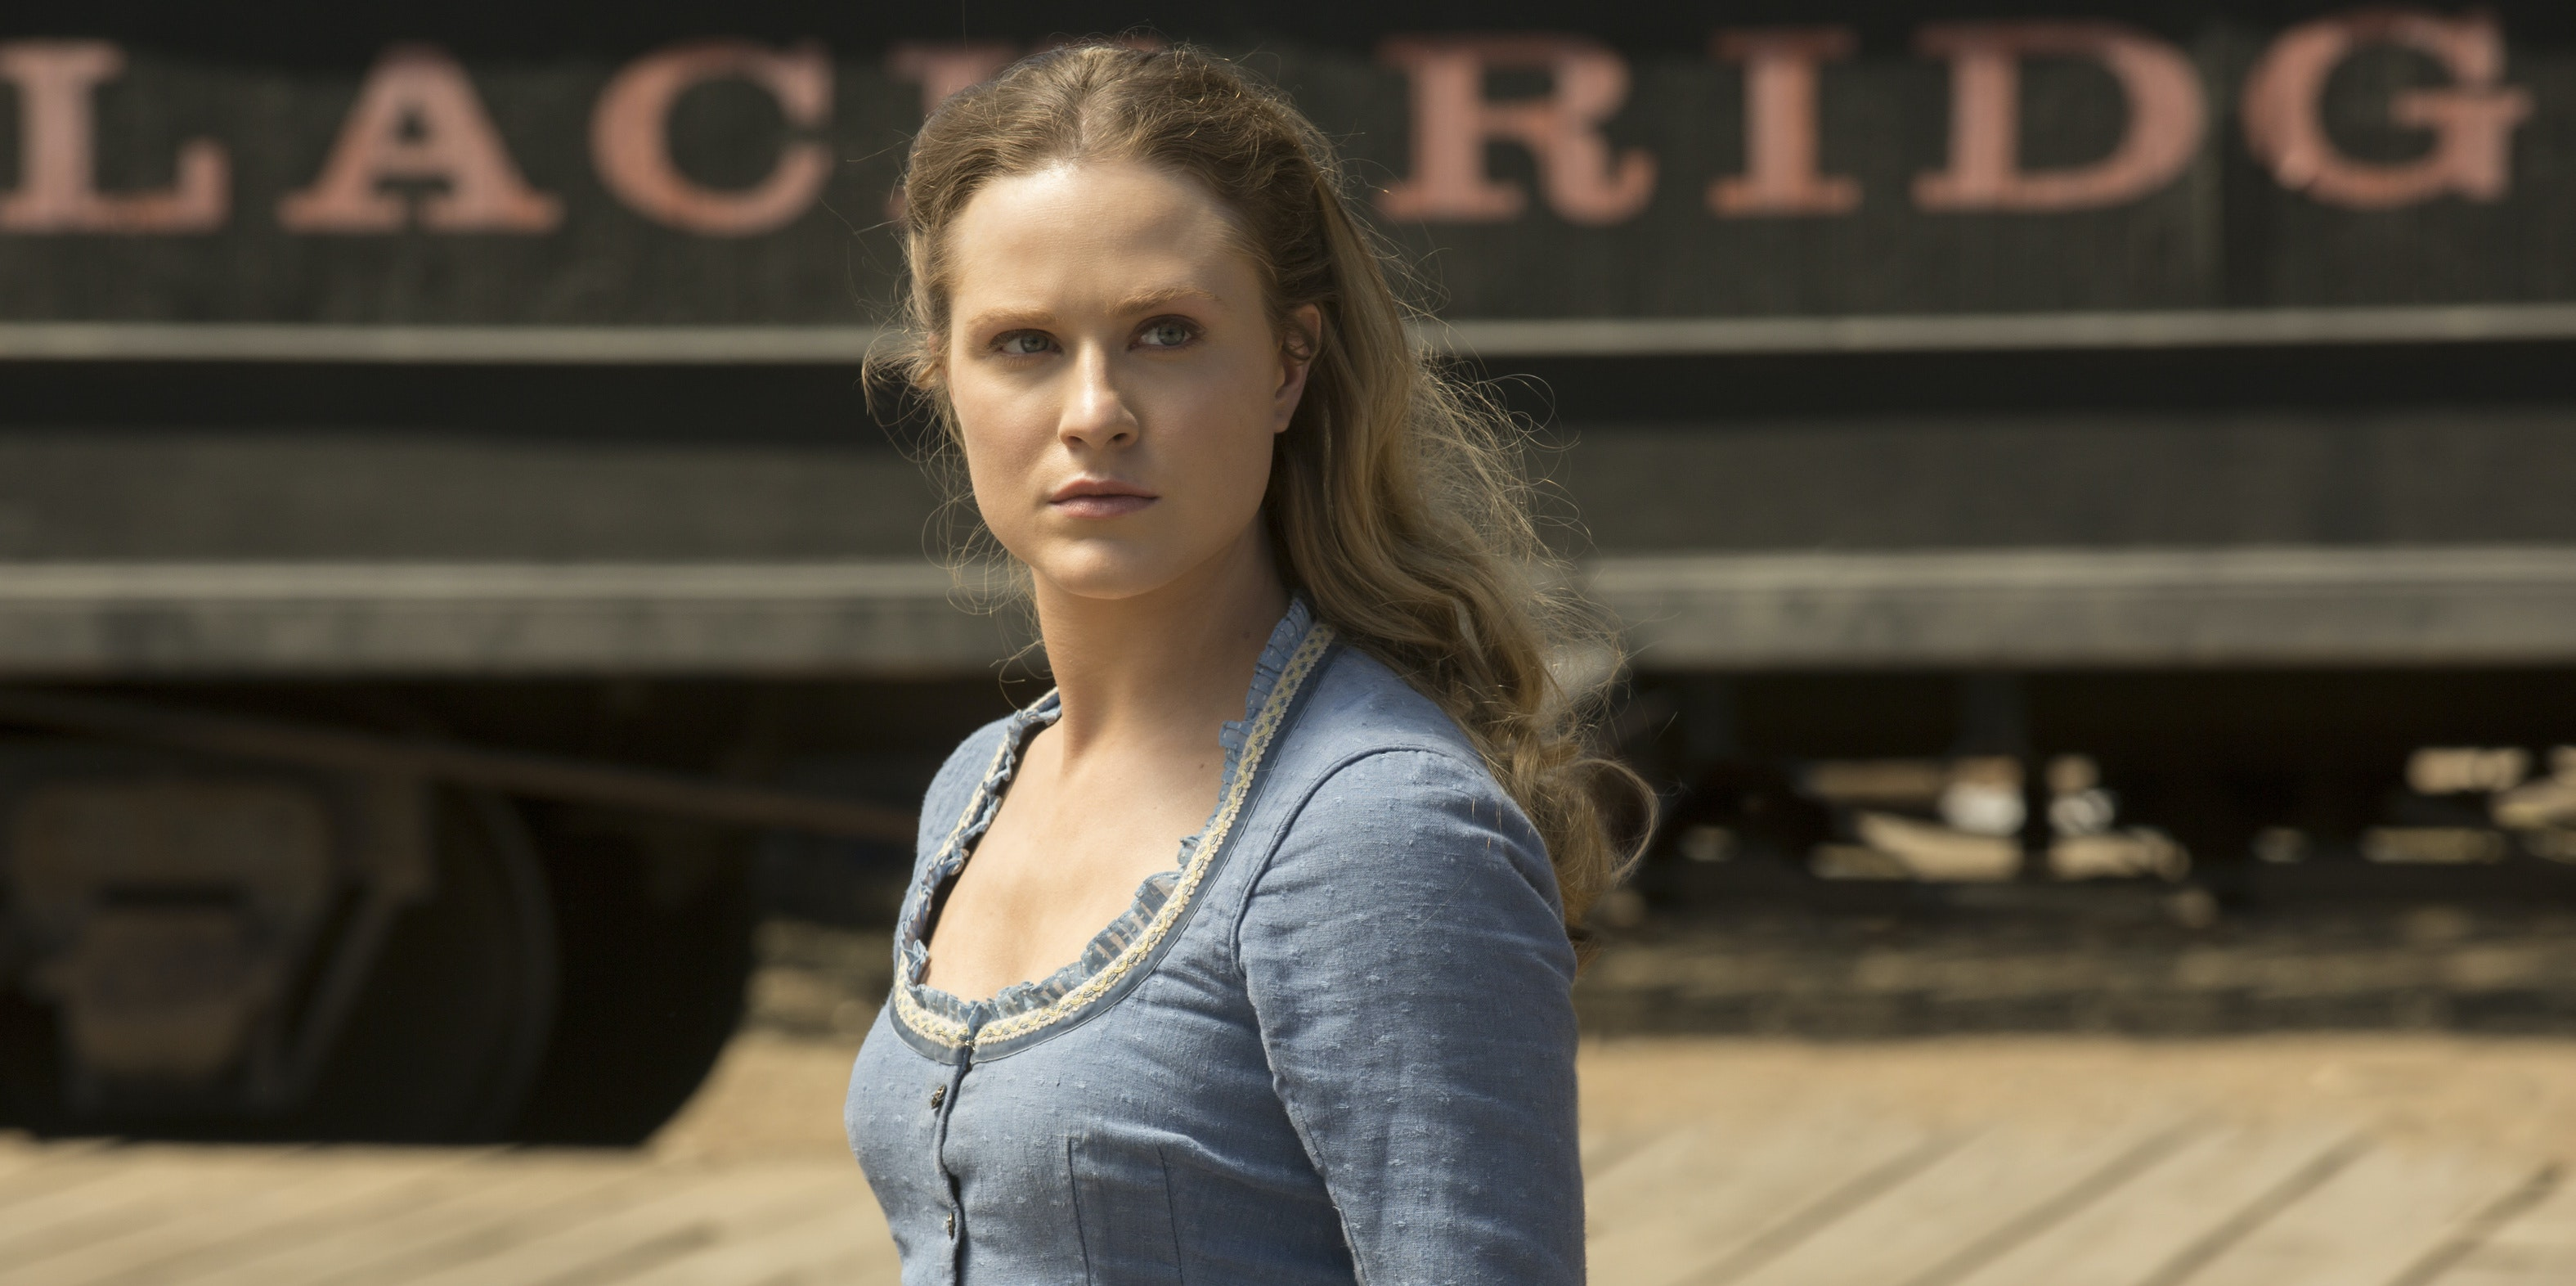 Evan Rachel Wood as Dolores on 'Westworld'